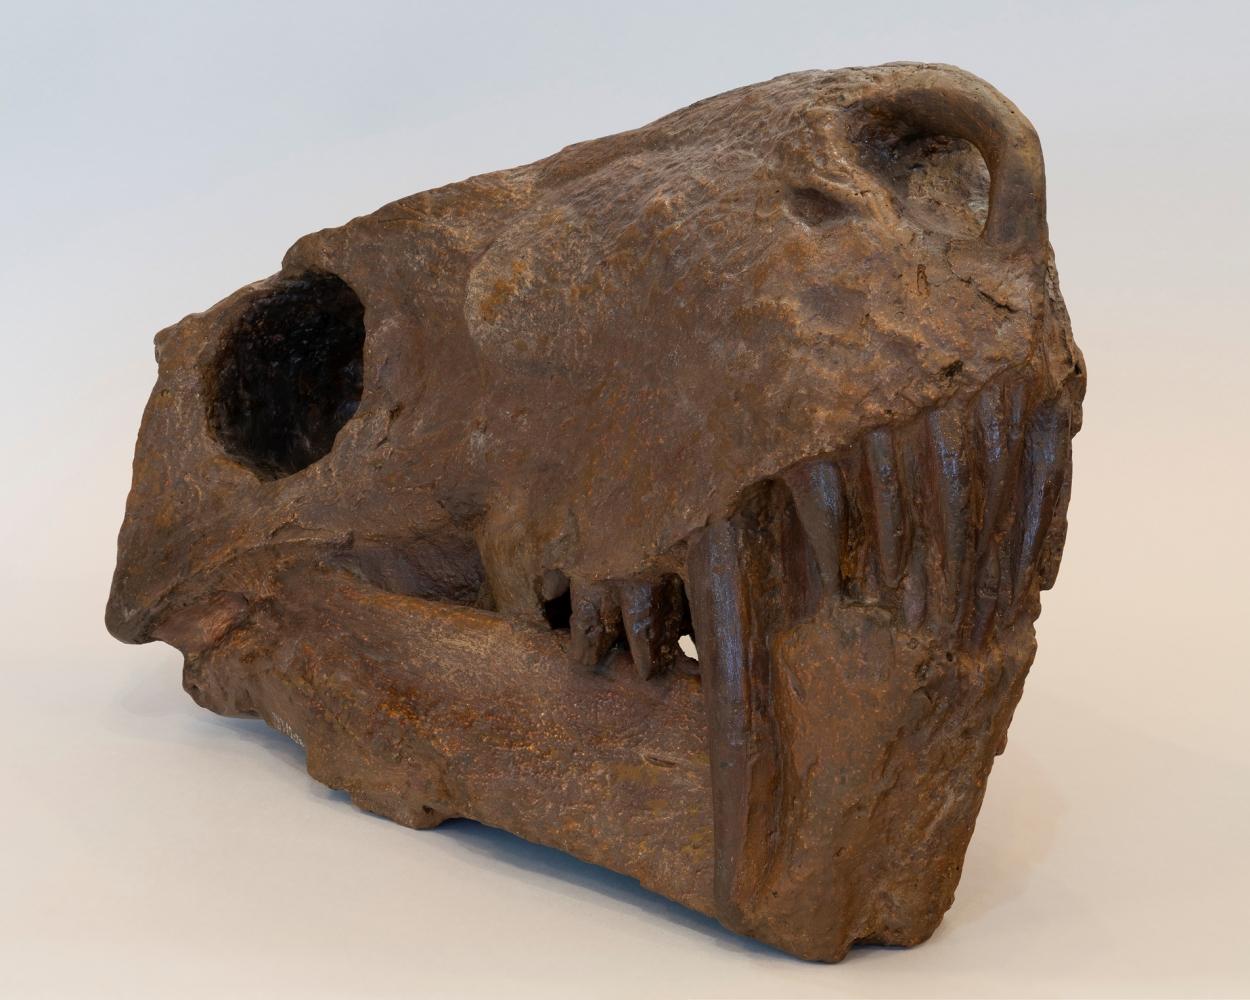 Гипсовый слепок черепа иностранцевии после реставрации